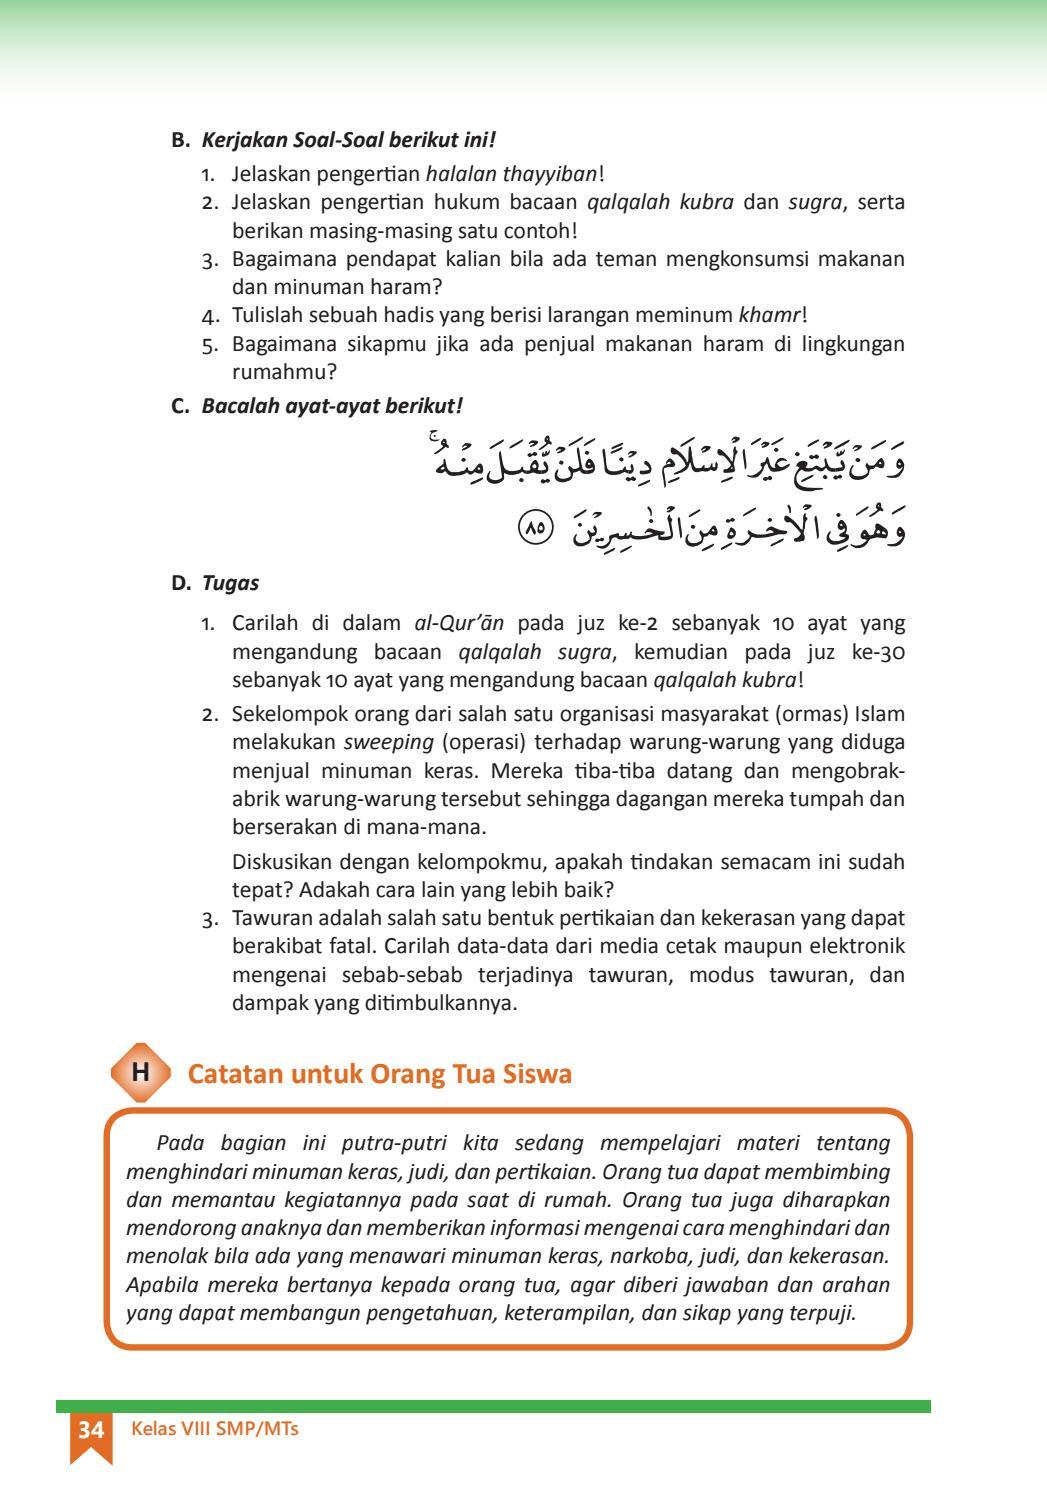 Pengertian Qalqalah Sugra dan Kubra, Hukum Bacaan dalam